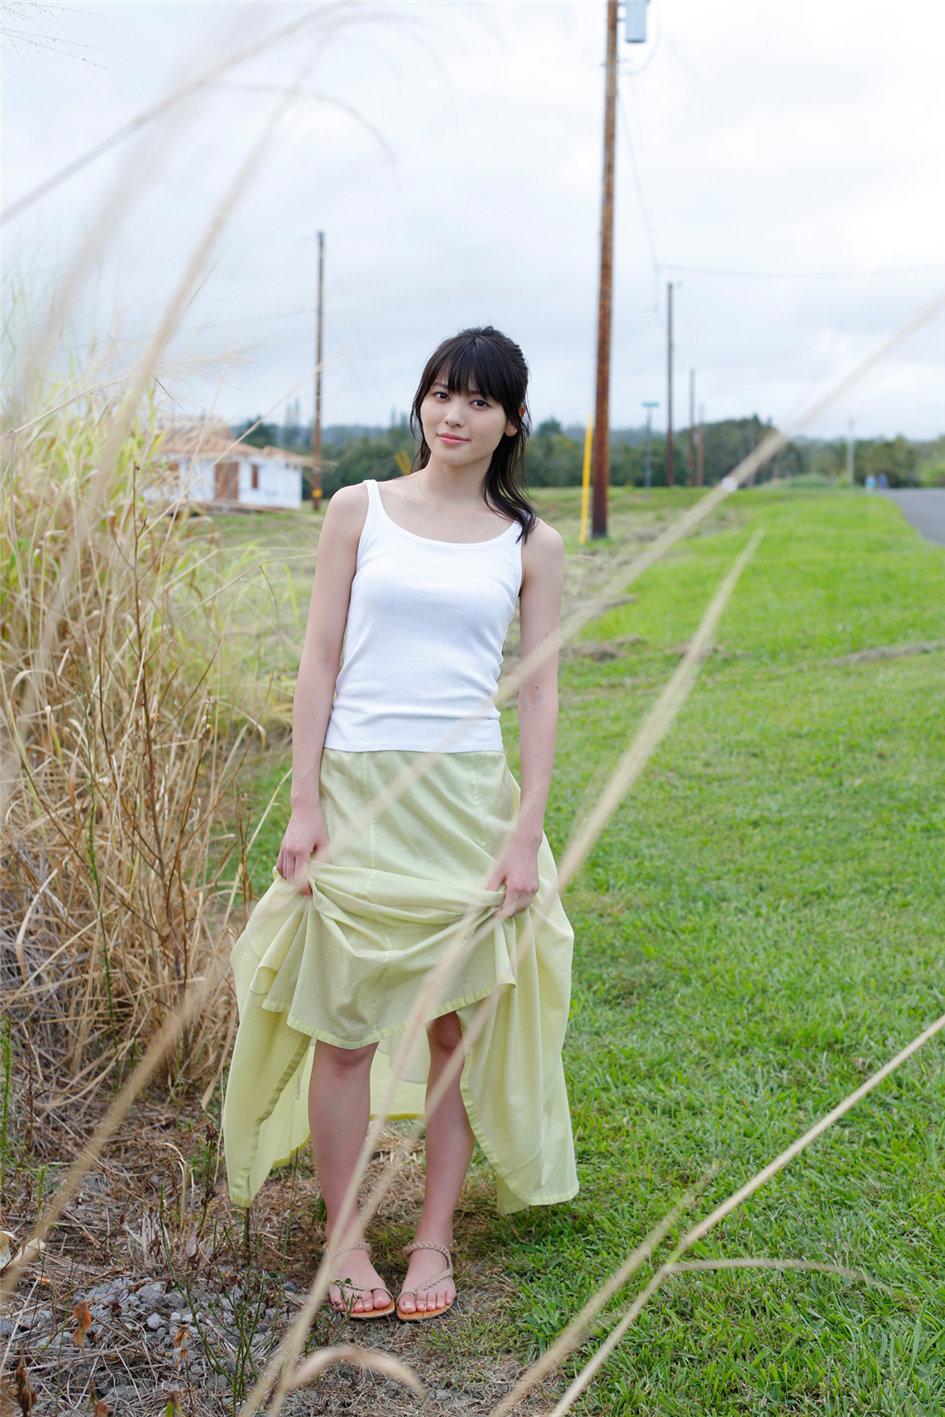 日本长腿美人矢岛舞美长裙写真 如邻家妹妹